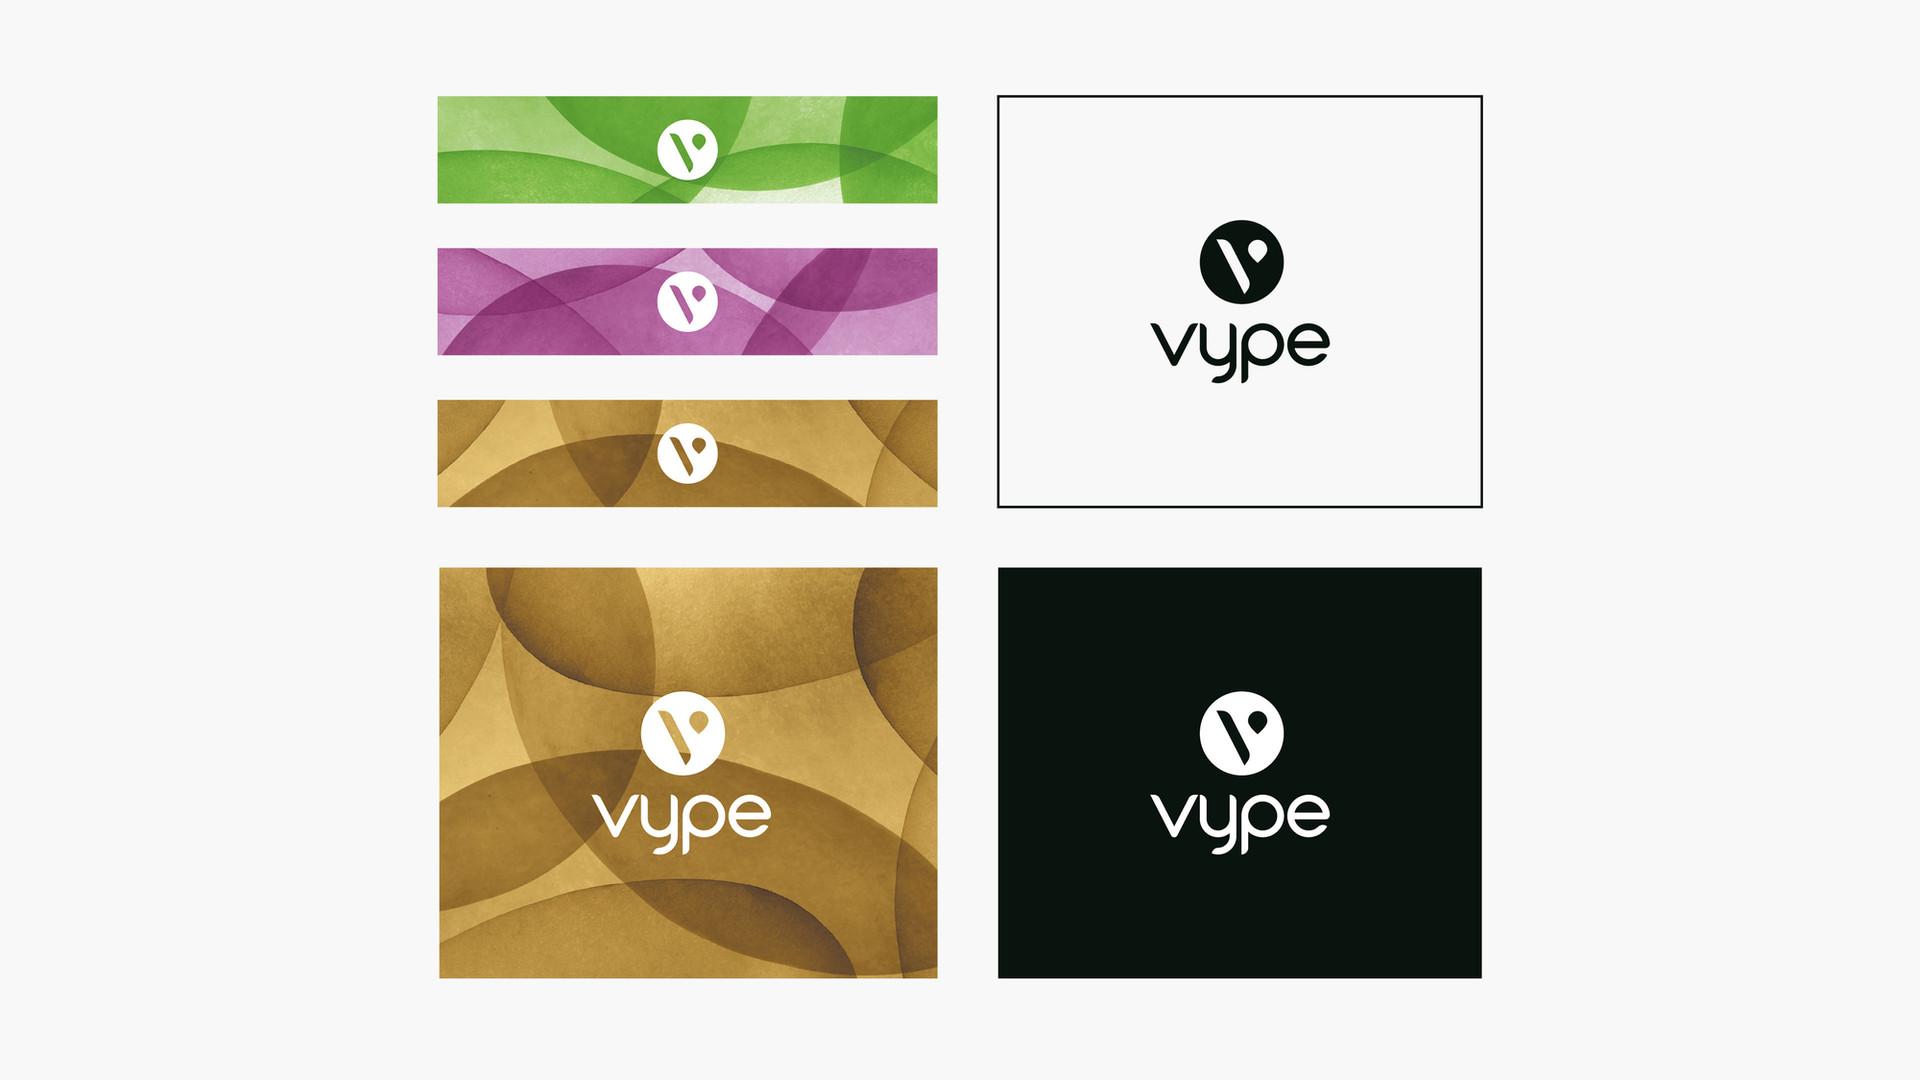 4K Gallery Vype_0000s_0007_Pattern & gra